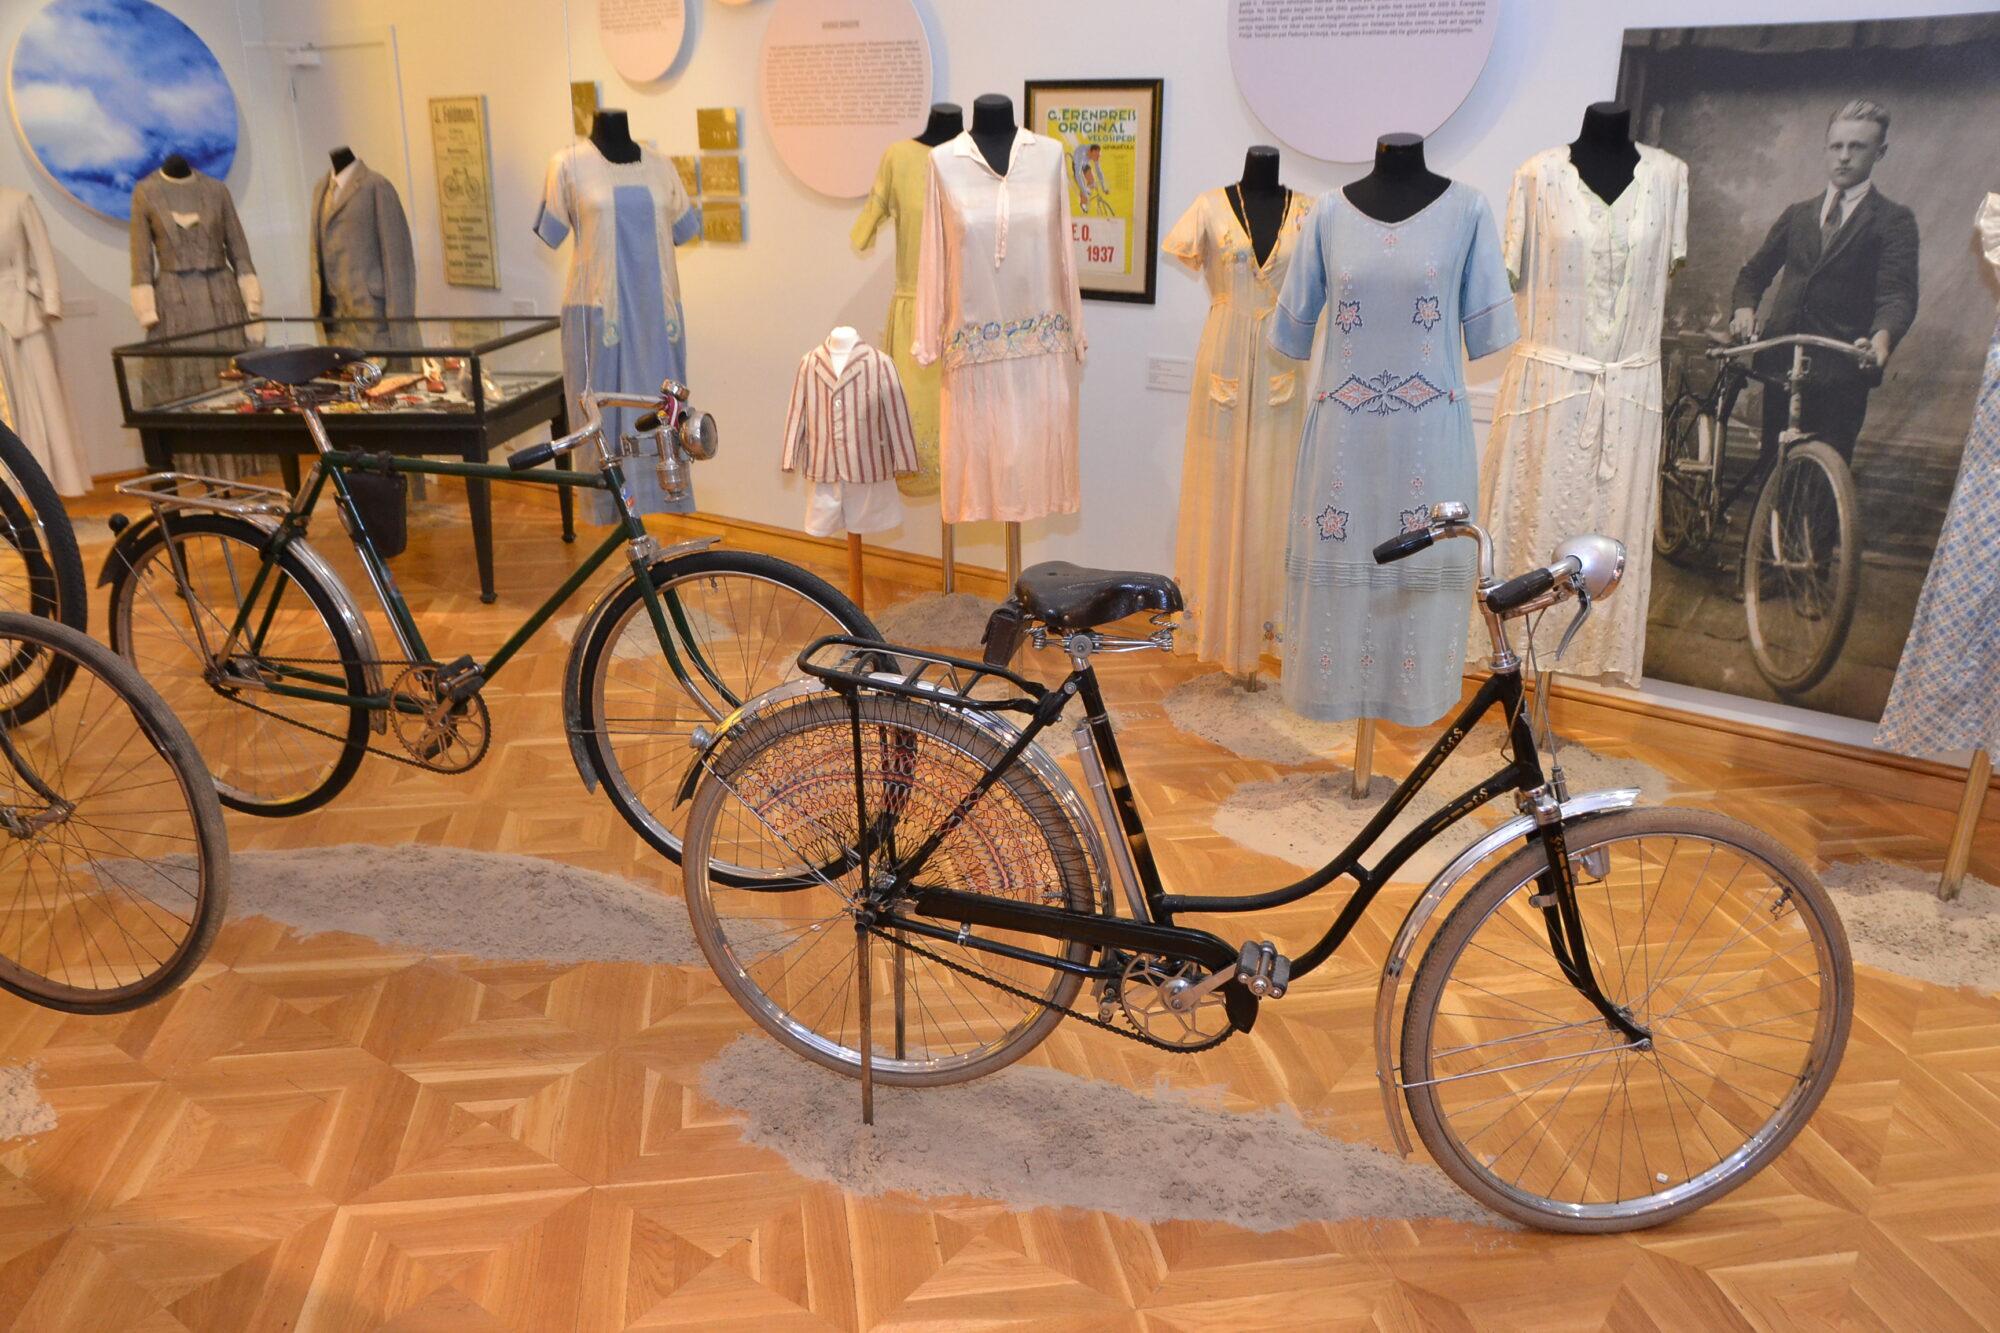 Riteņbraucēju pilsētā atklāta izstāde par velomodi